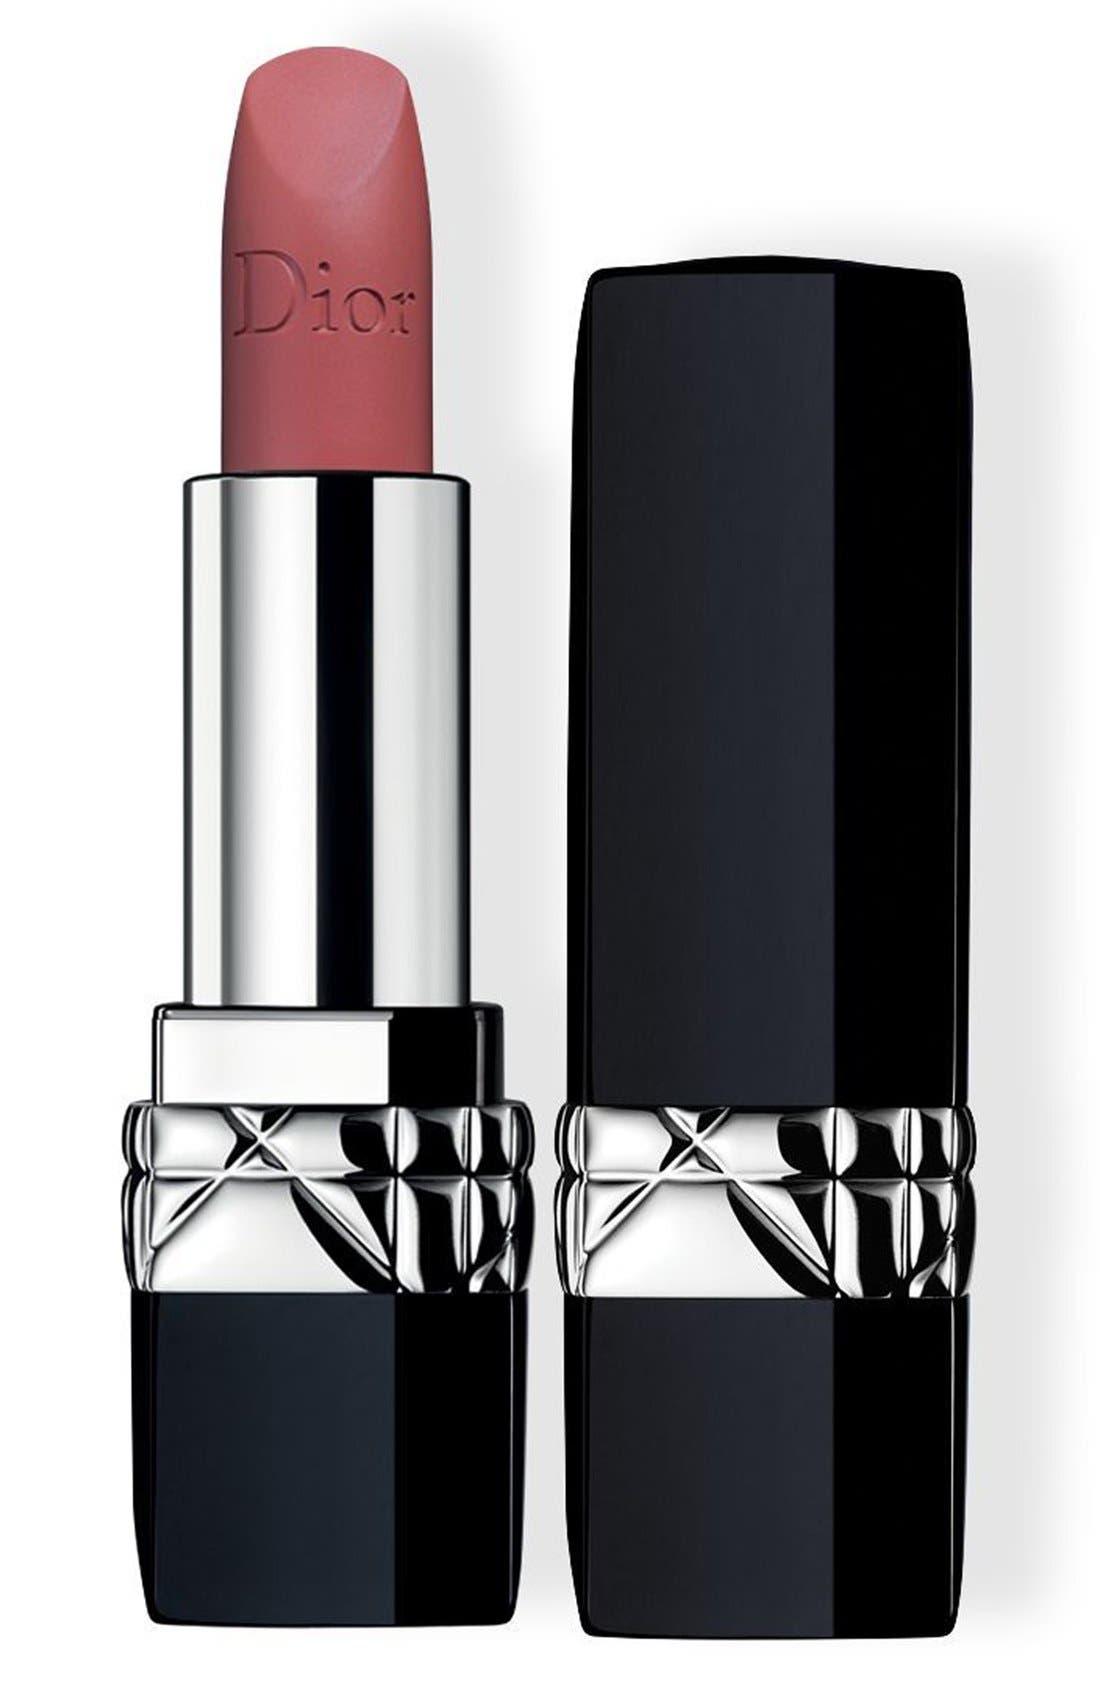 Dior Couture Color Rouge Dior Lipstick - 772 Classic Matte